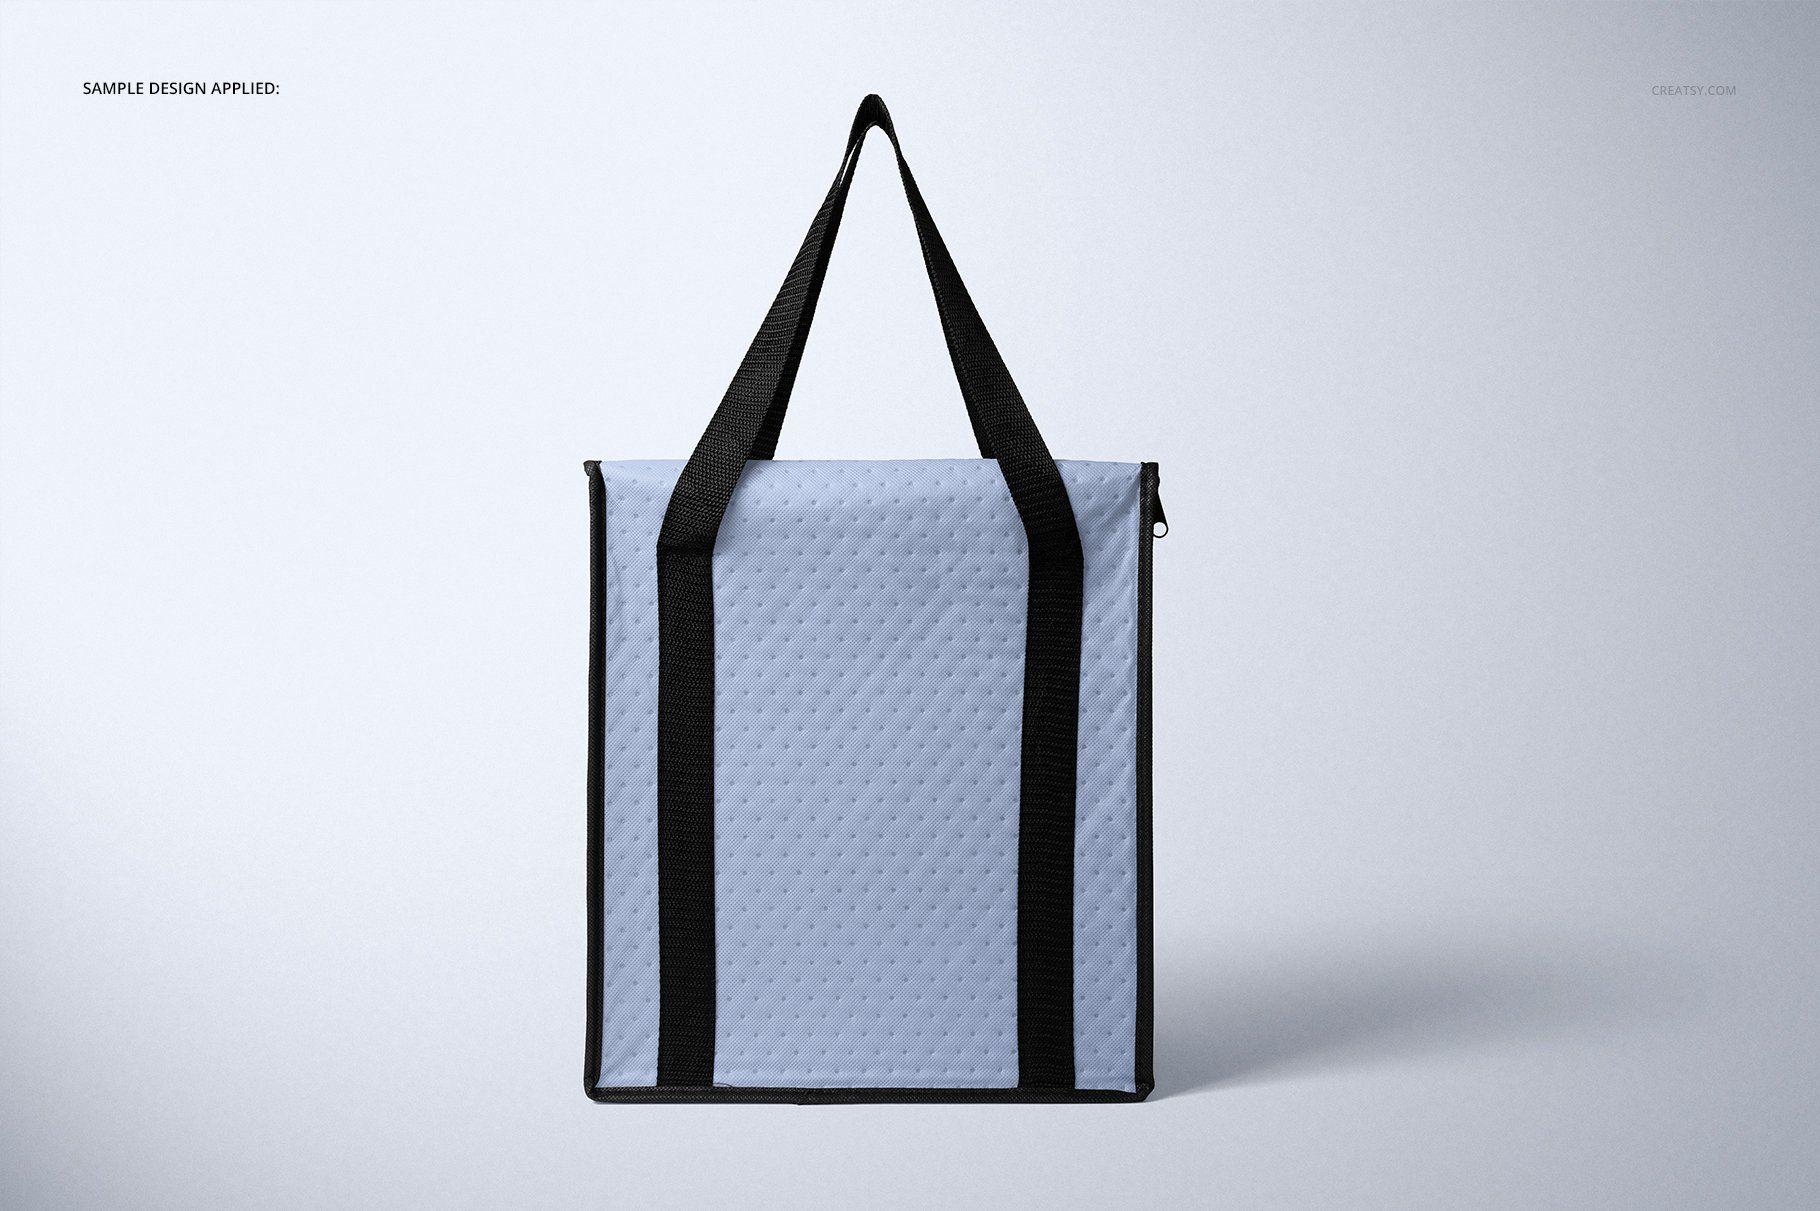 Download Insulated Cooler Bag Mockup Set Bag Mockup Cooler Bag Creative Market